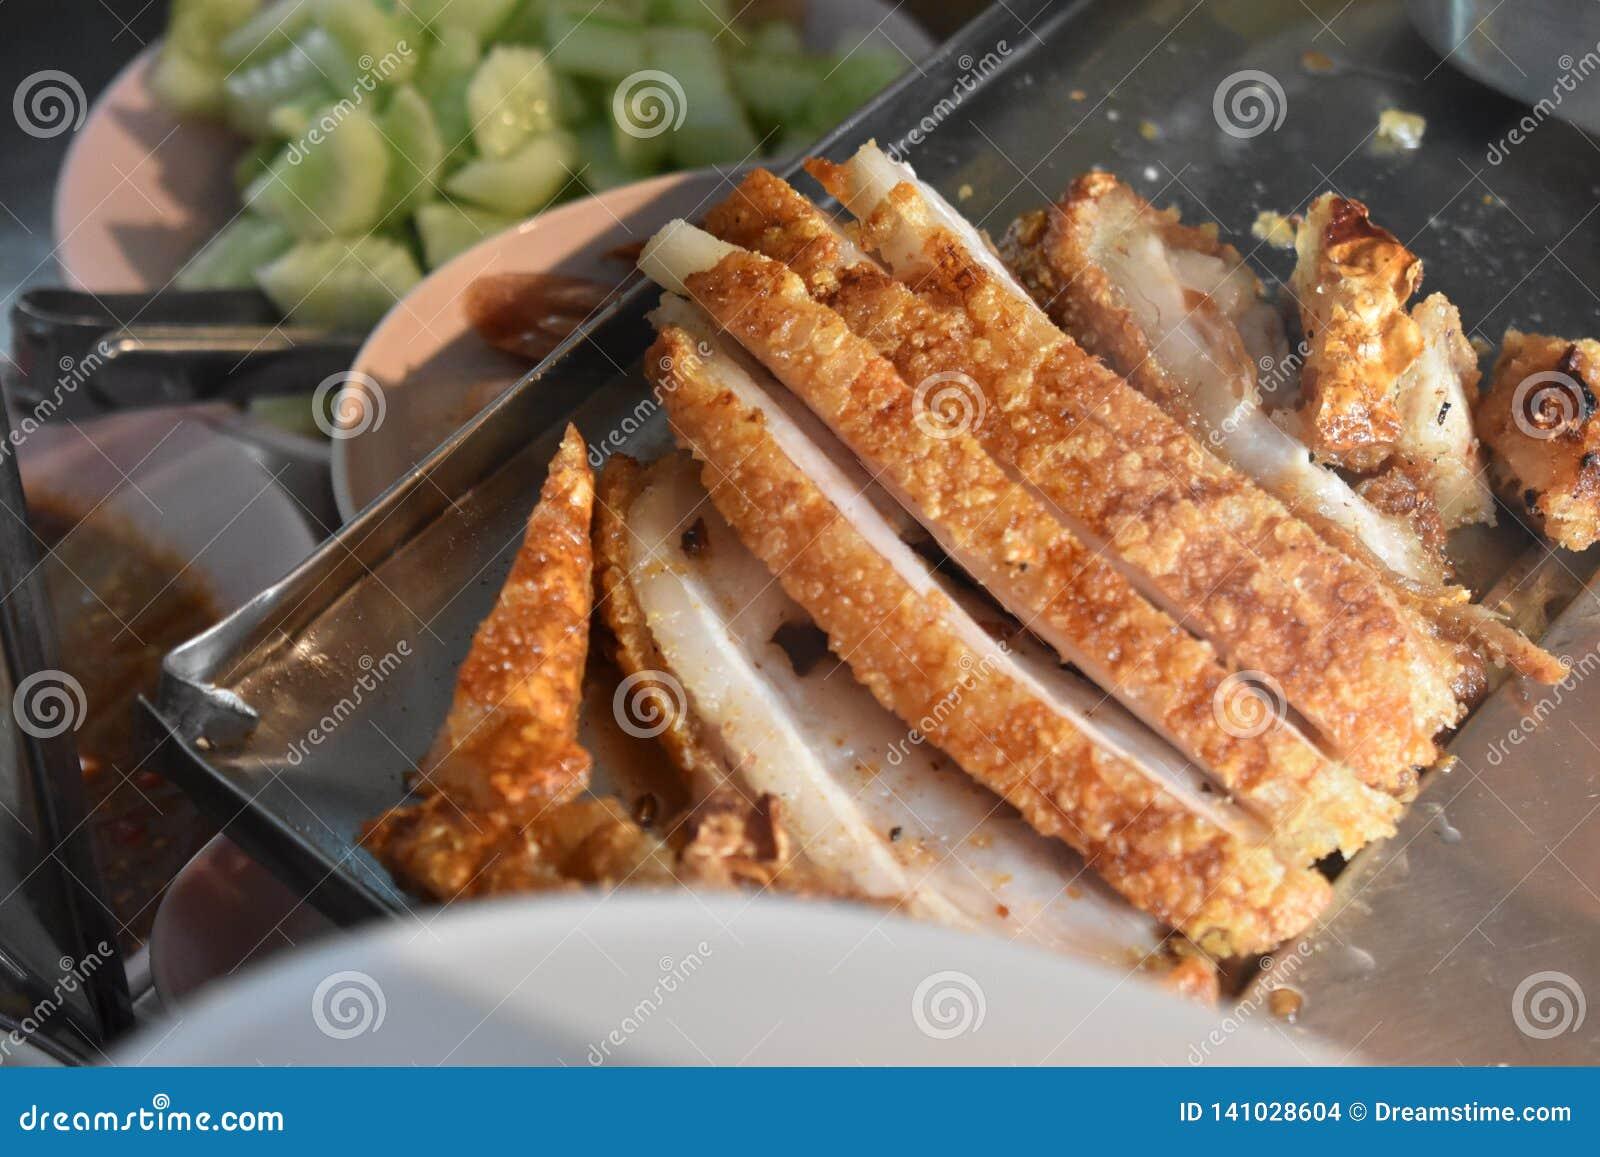 Tajlandzka crispy wieprzowina na talerzu